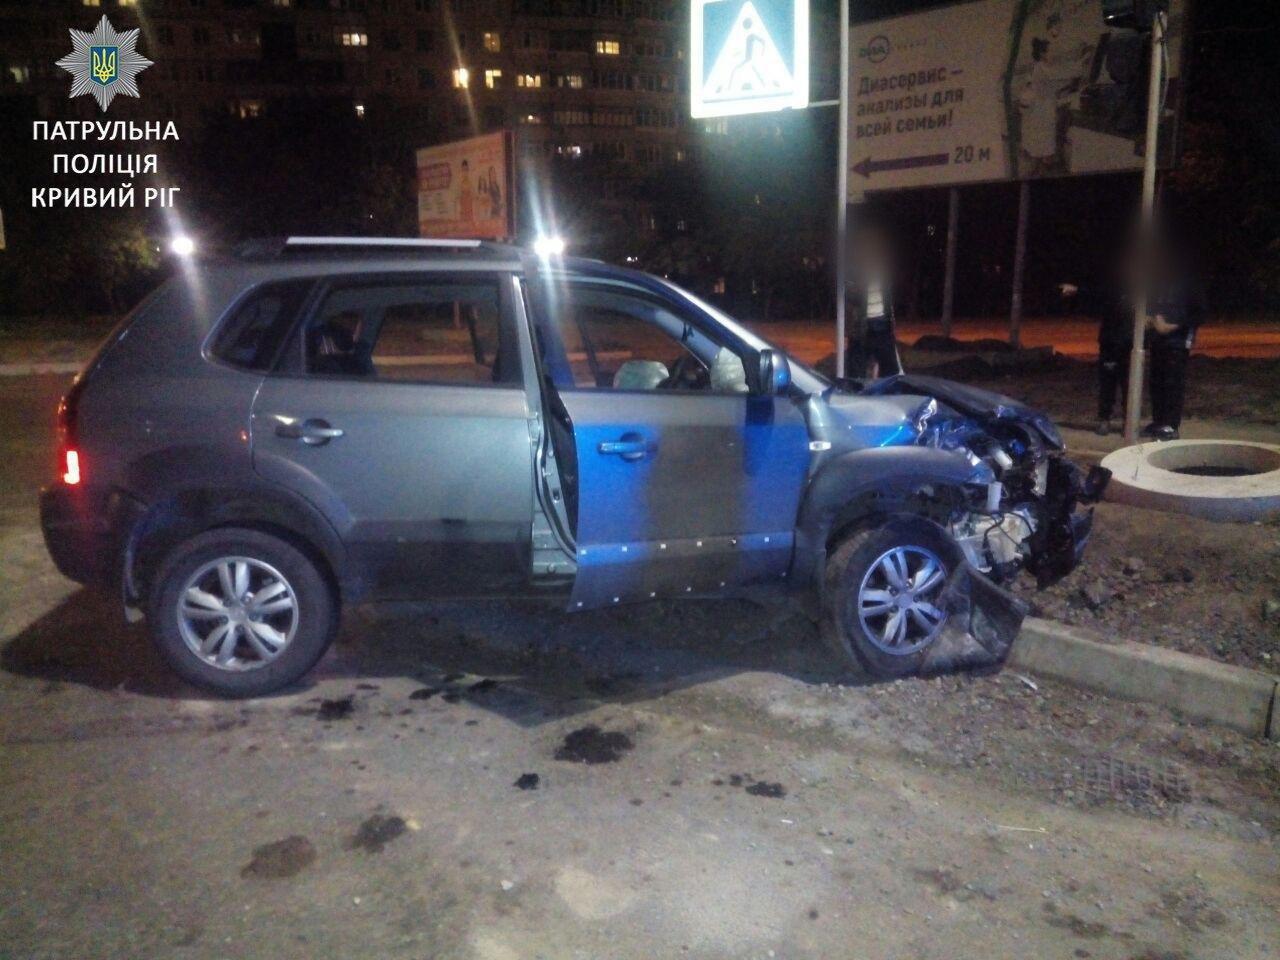 """В Кривом Роге в результате ДТП пострадал водитель Daewoo, который был """"под кайфом"""", - ФОТО, фото-2"""